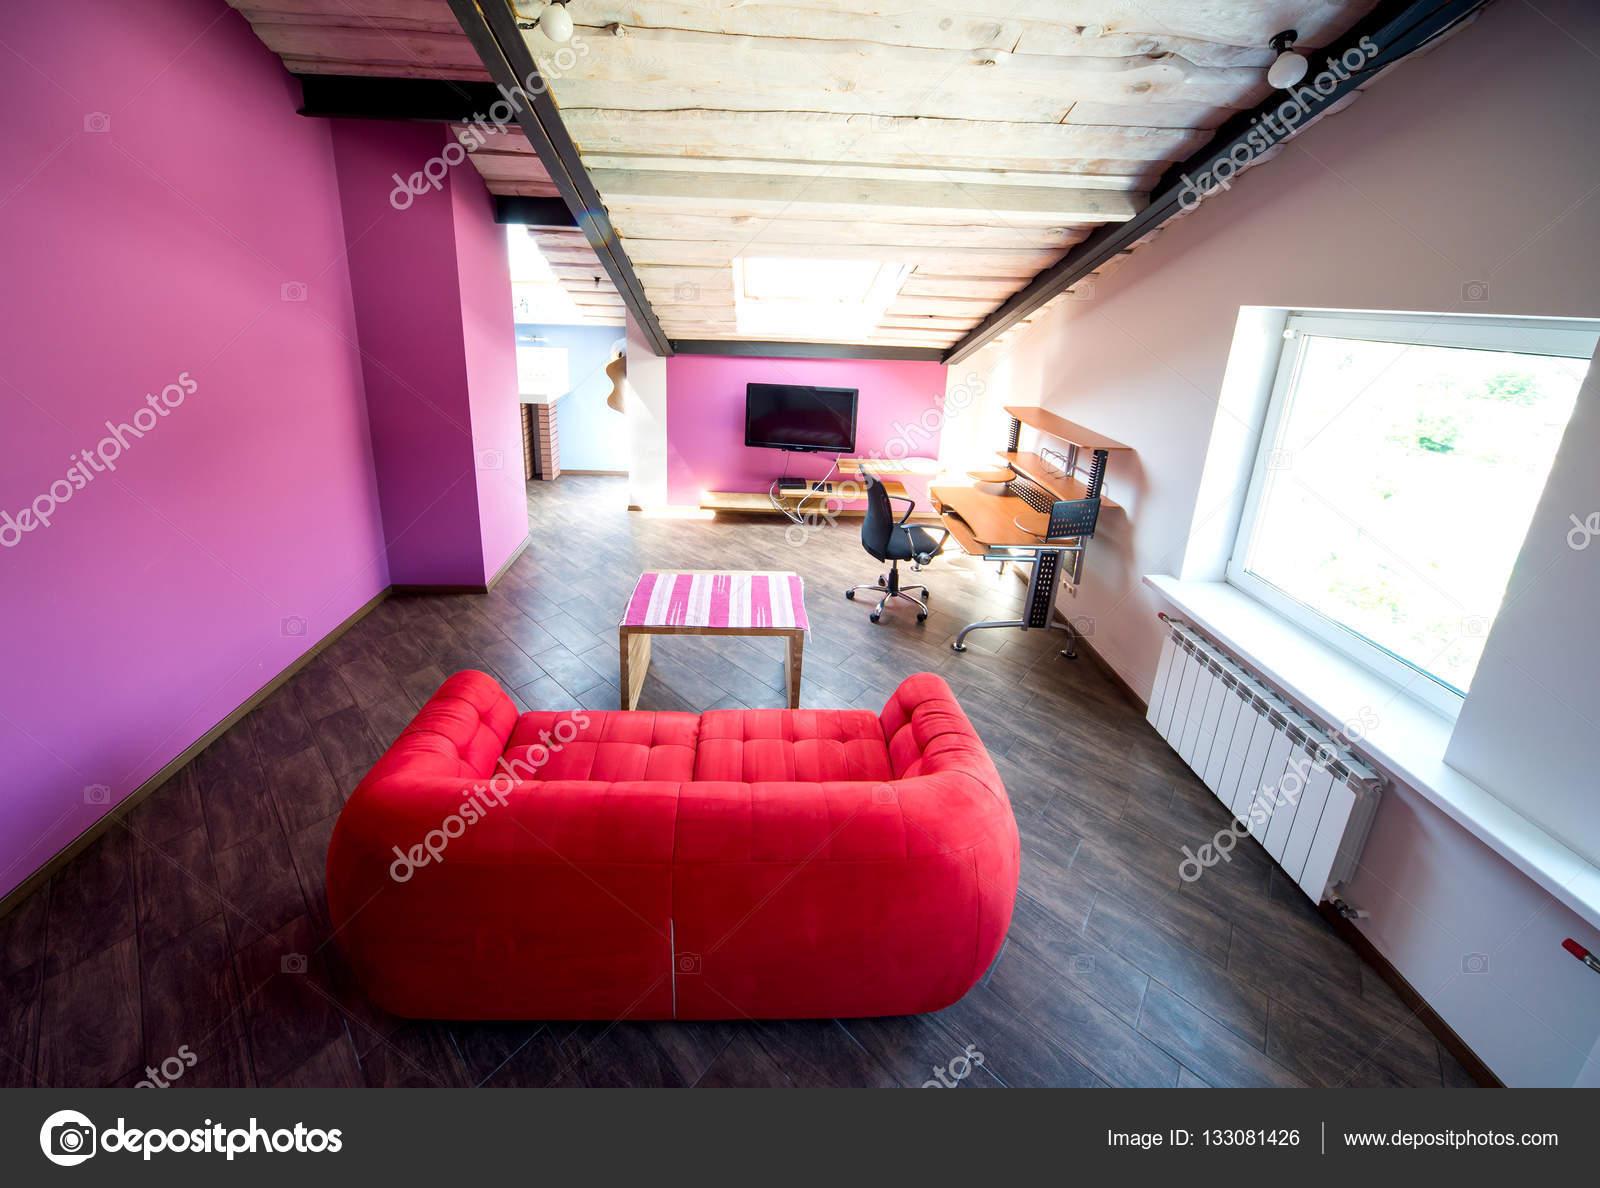 Kleines Wohnzimmer Interieur Und Loft Im Neuen Zuhause Mit Schrägen Dach U2014  Stockfoto